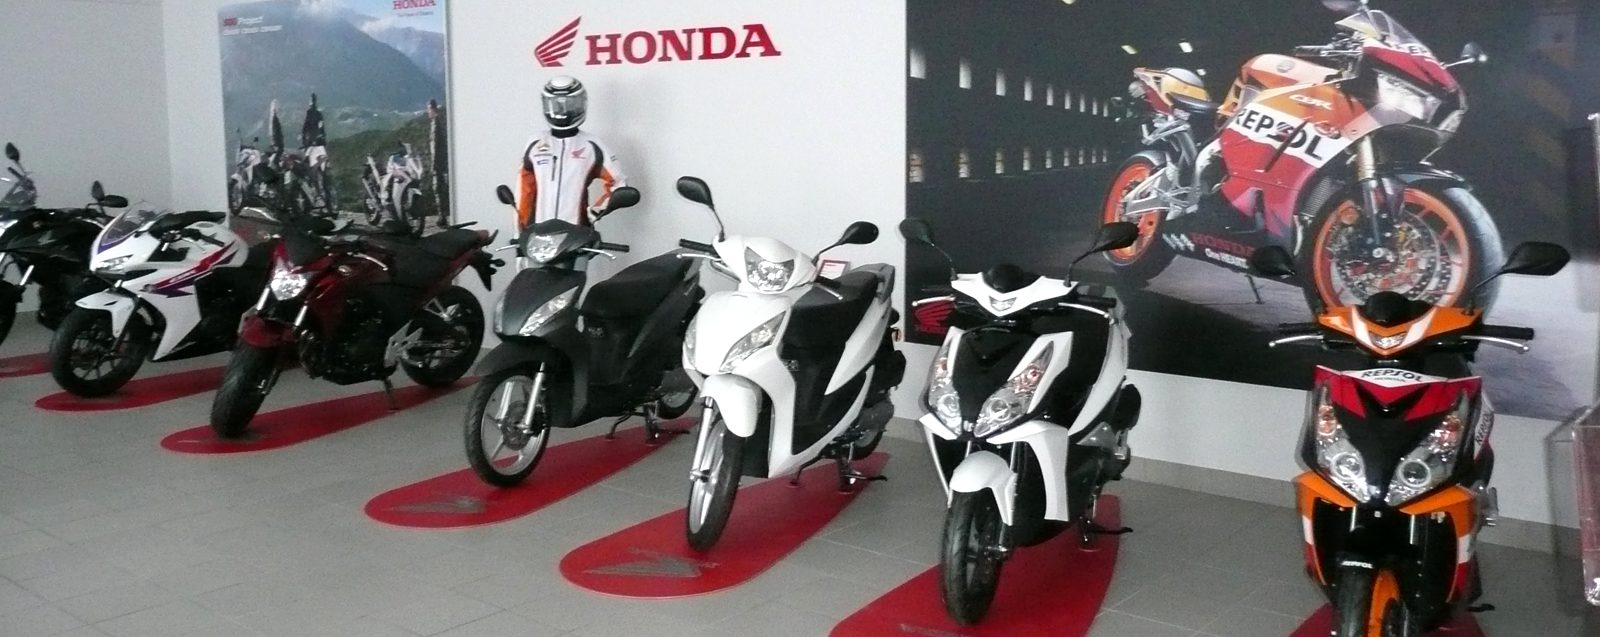 Bianco Moto Concessionaria Ufficiale Honda A Cuneo Nel Vasto